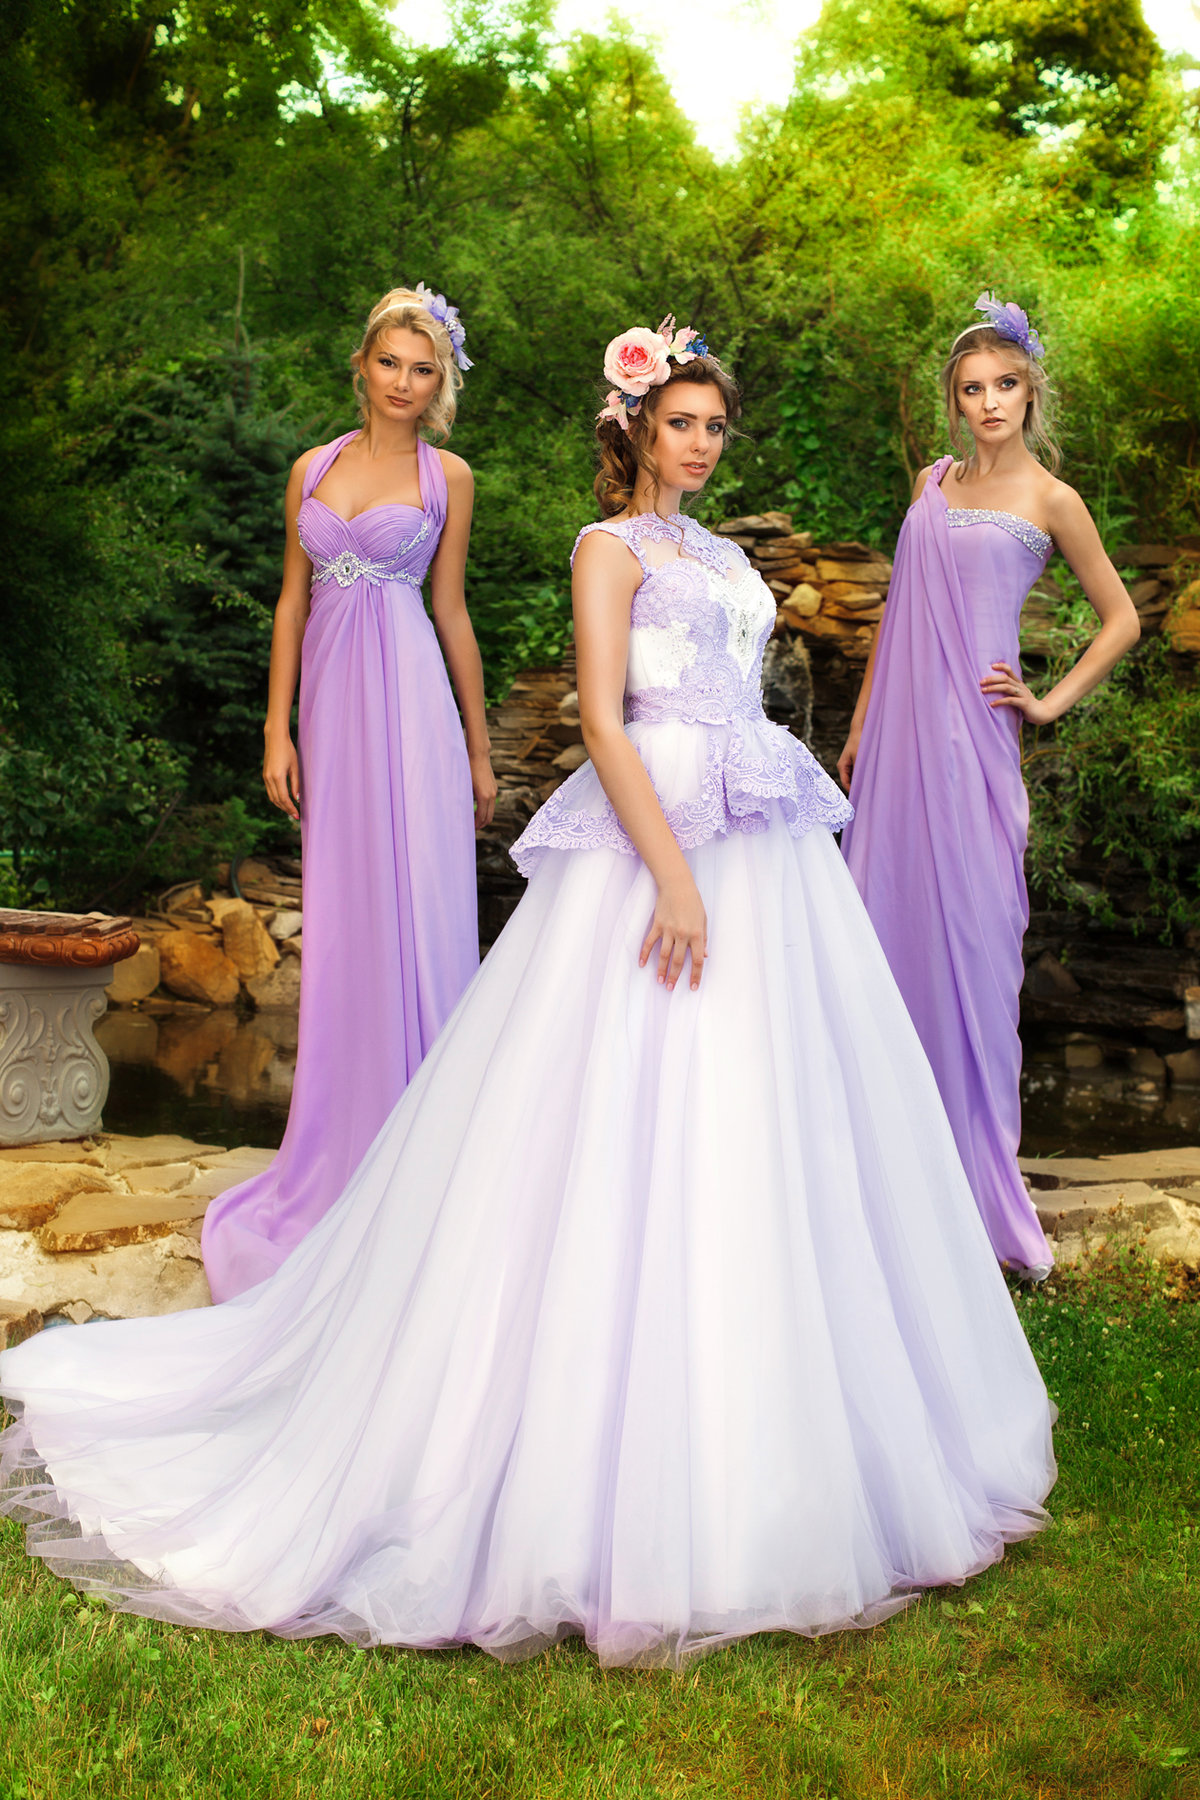 списке бело фиолетовое платье картинки кальмар интересный